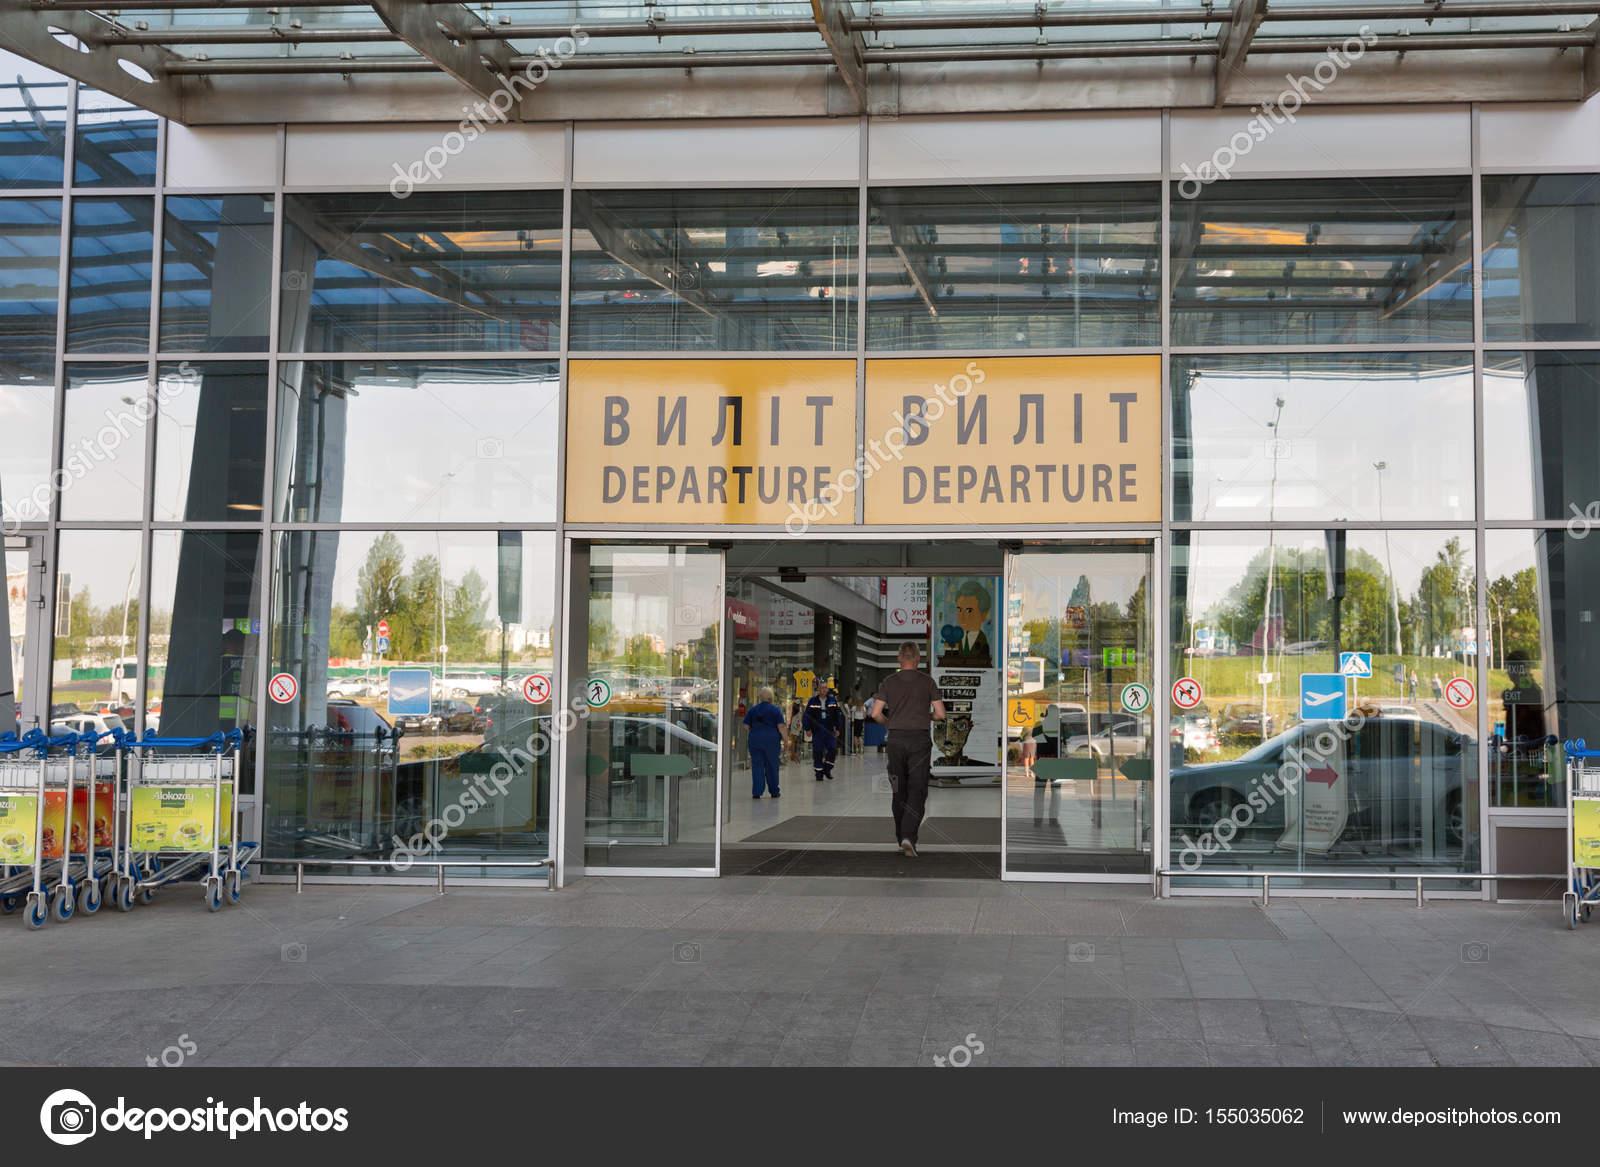 Aeroporto Kiev : Zhuliany do aeroporto internacional de kyiv ucr nia u fotografia